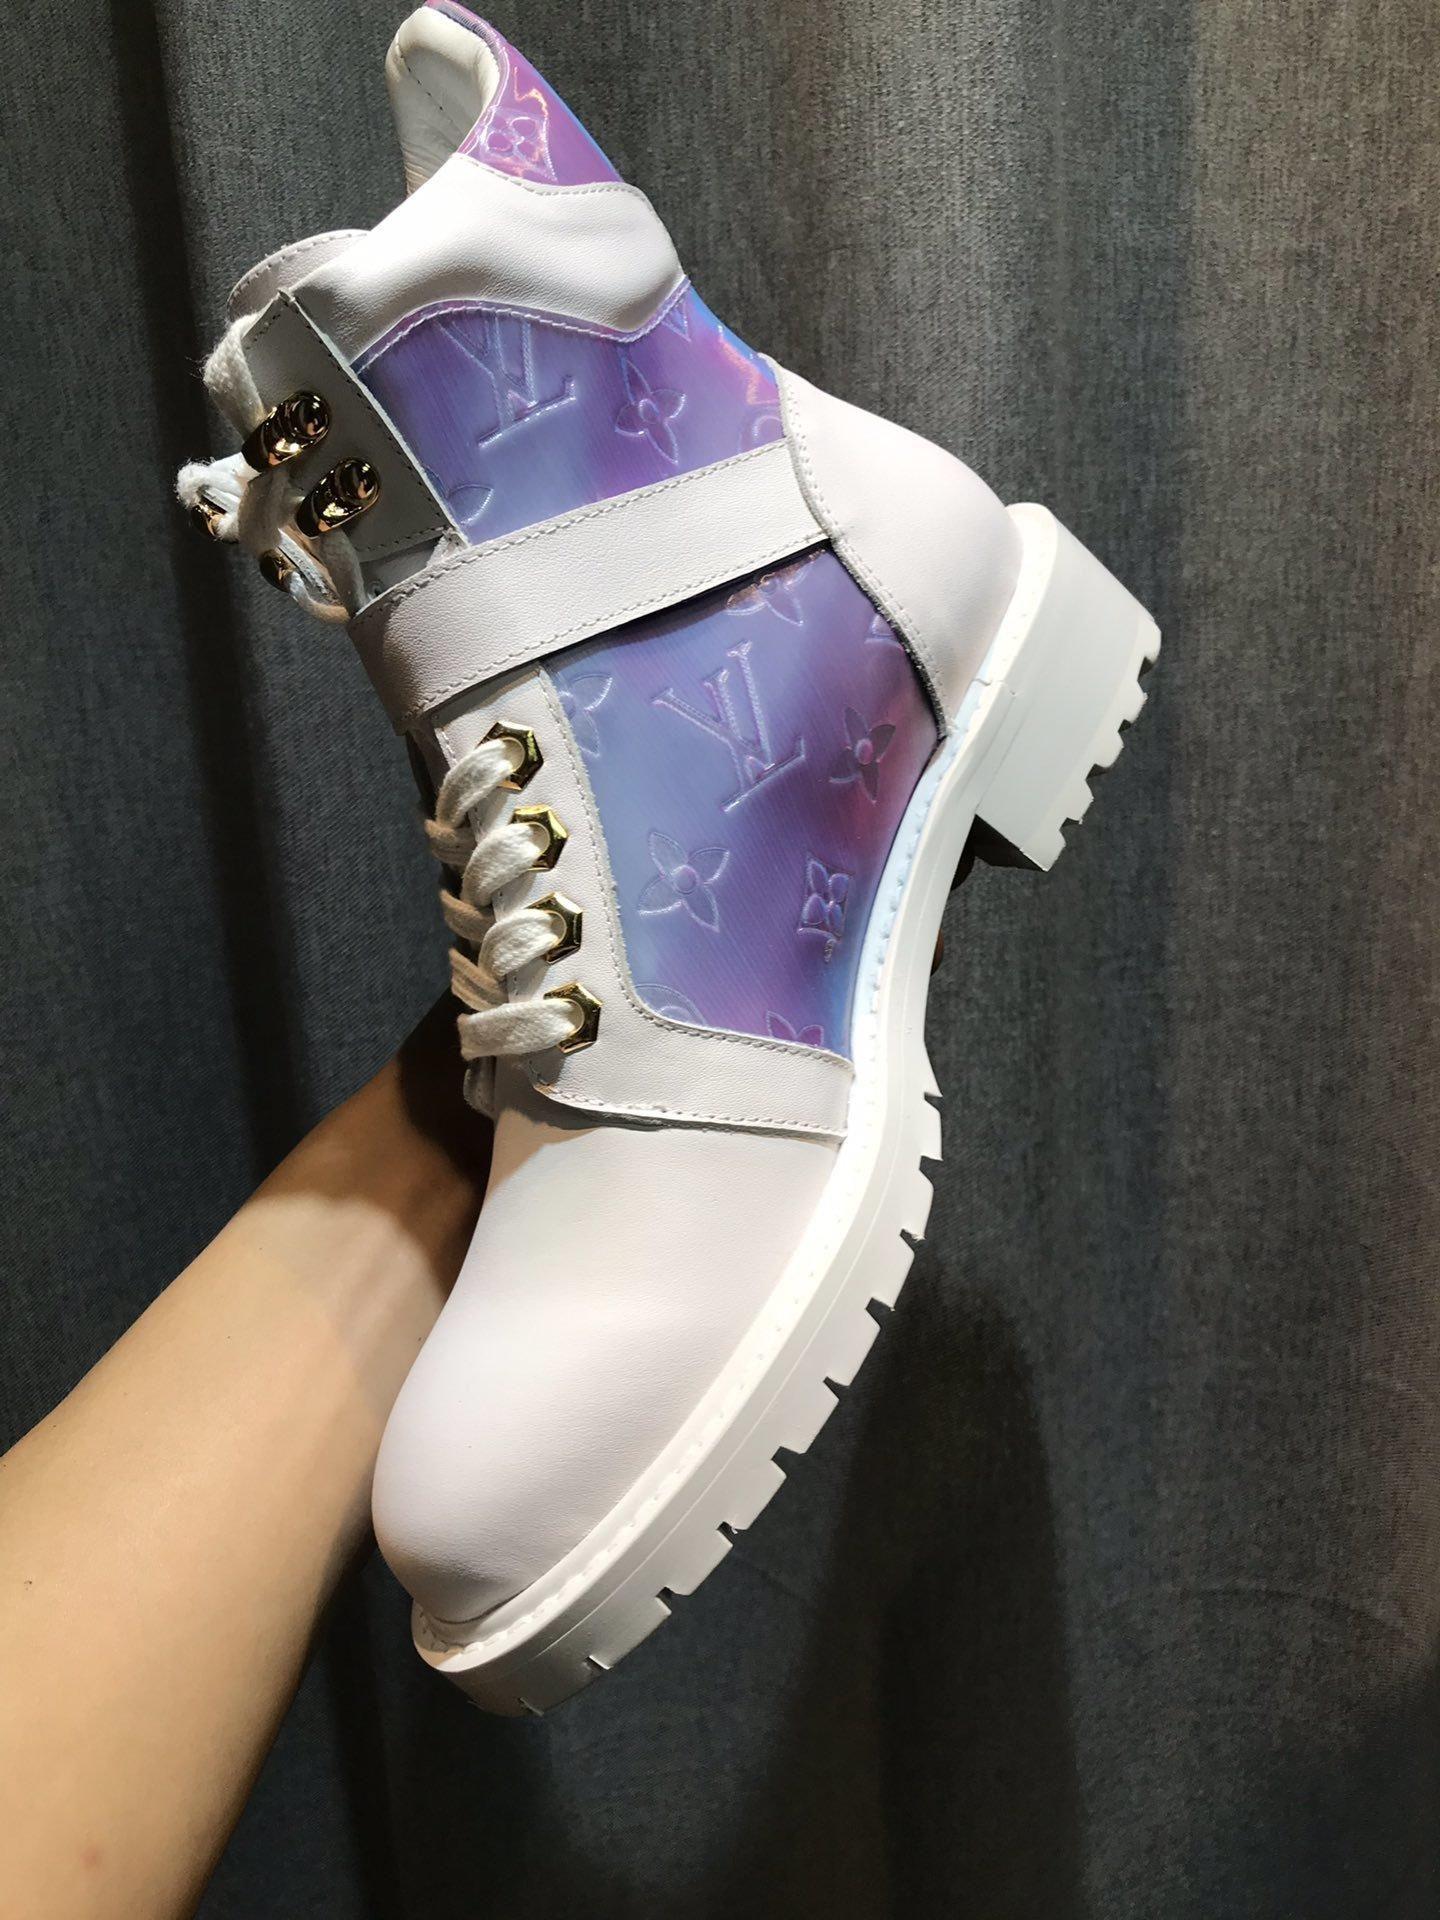 Le nuove signore di lusso top Martin stivali donne della piattaforma stivali di pelle moda all'aperto comodi stivali da neve scatola originale consegna veloce